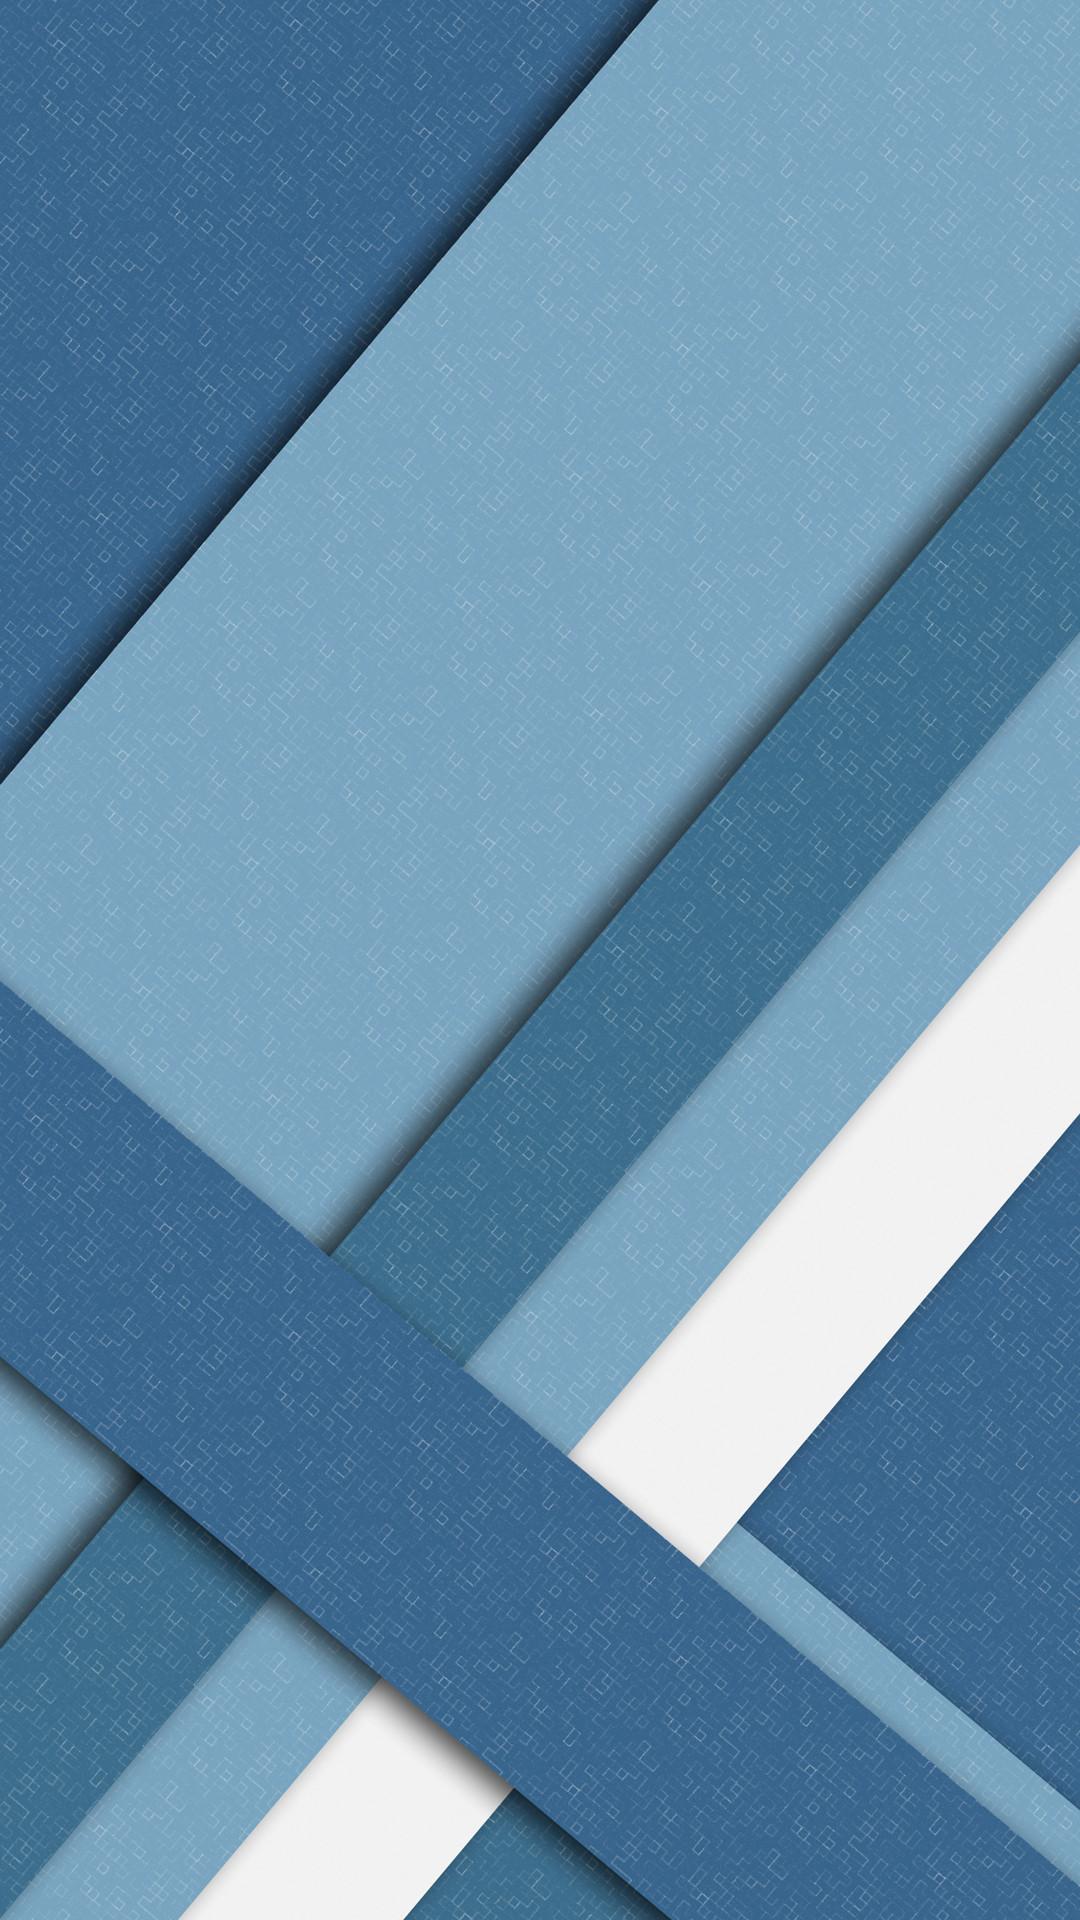 Material Design Mobile HD Wallpaper14 – Vactual Papers · Blue  WallpapersWallpaper …